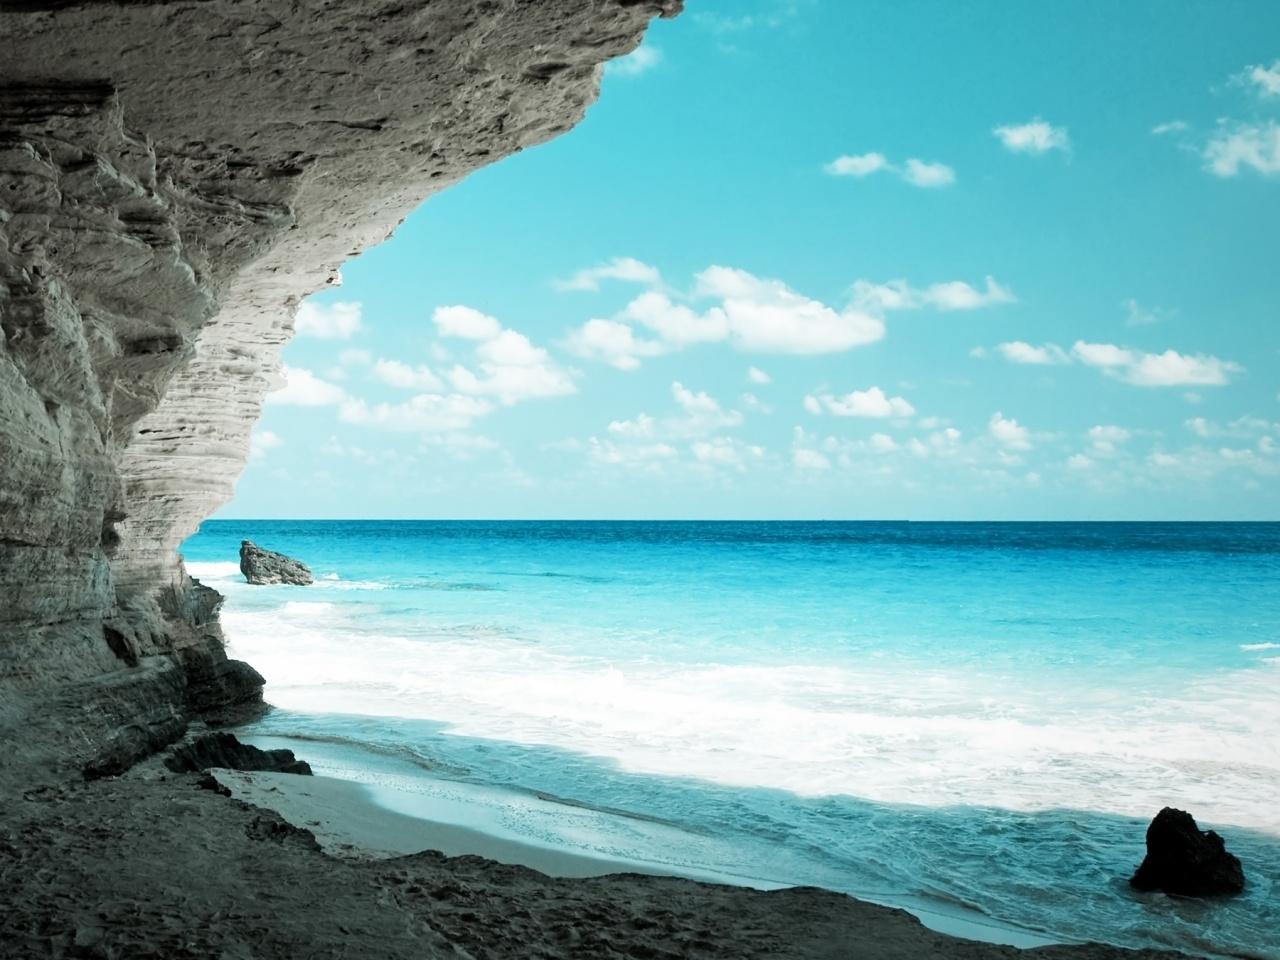 24617 скачать обои Пейзаж, Горы, Море, Волны - заставки и картинки бесплатно